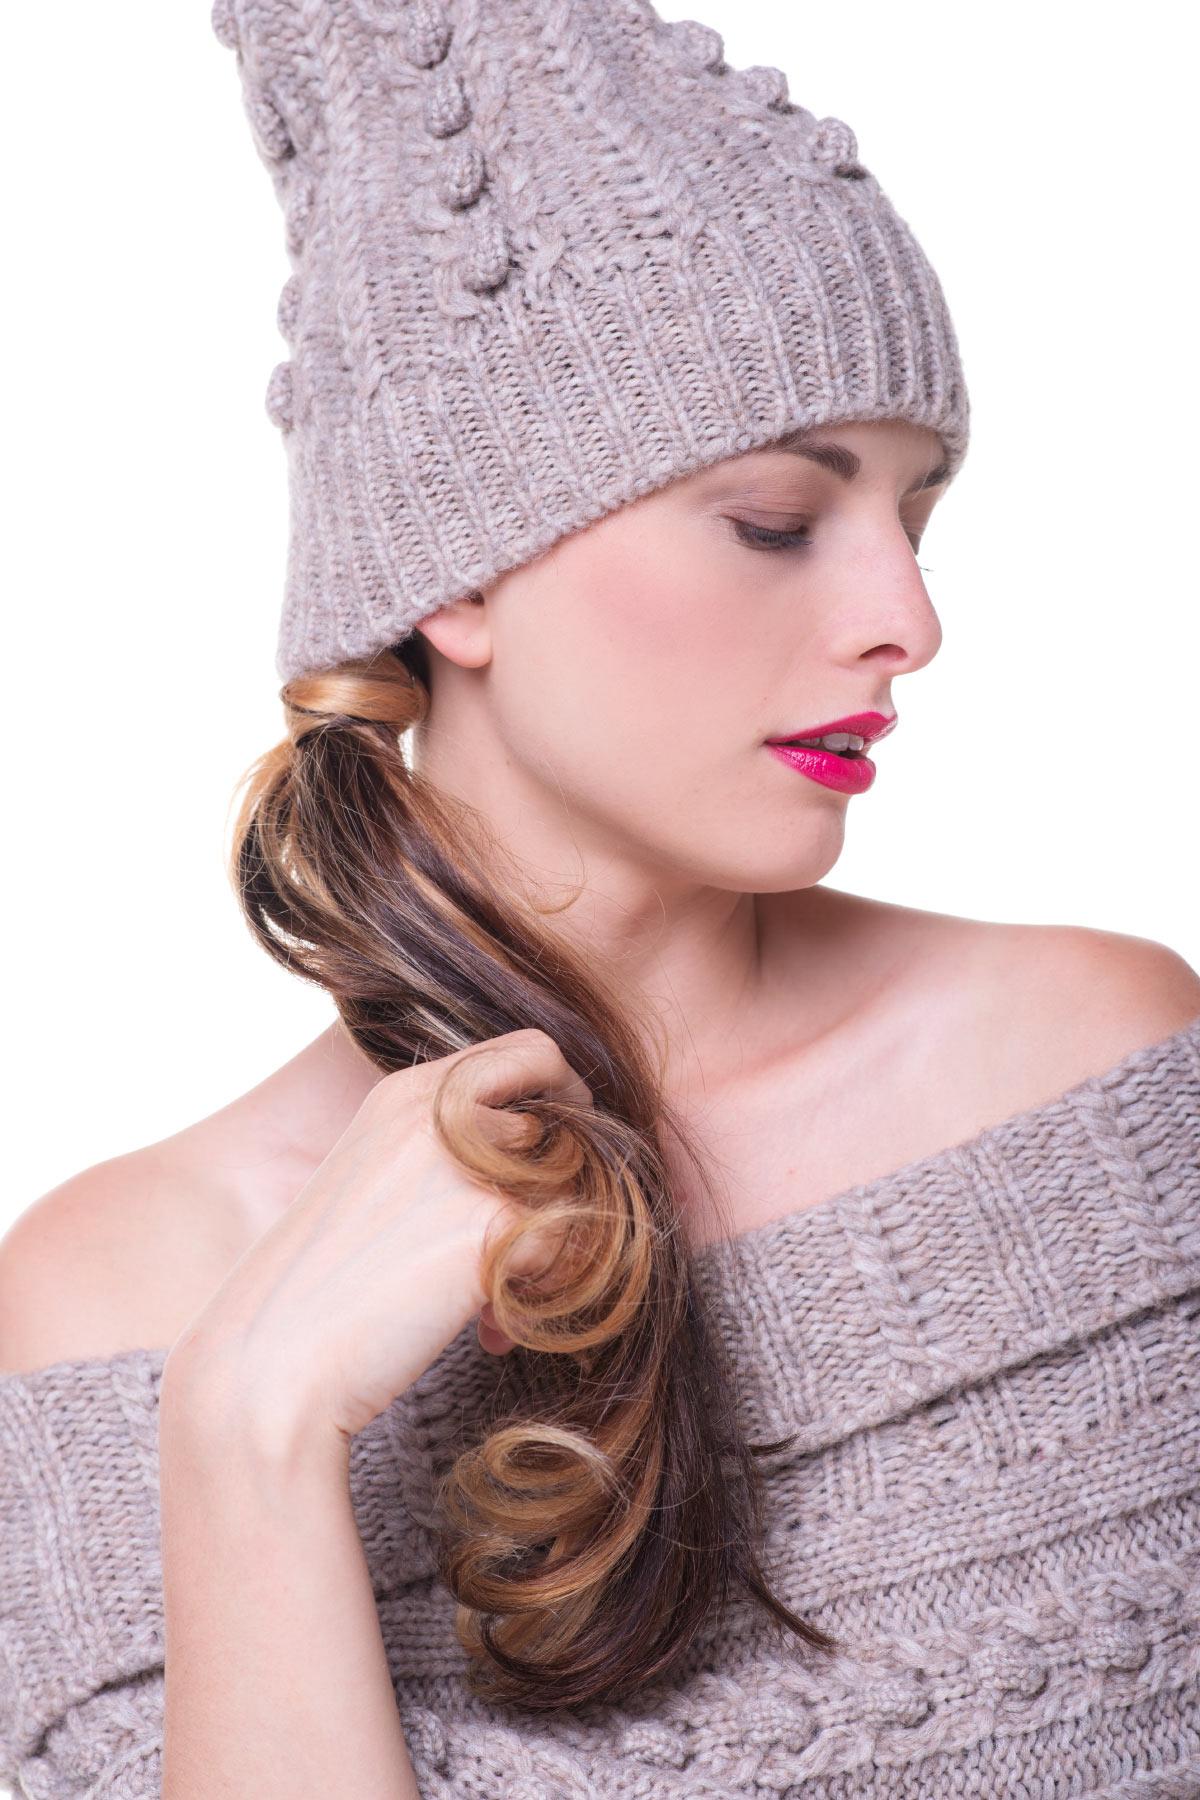 Acquista online Kemailù SALLY Cappello Punti Maglia in rilievo faf09b6d3f5c